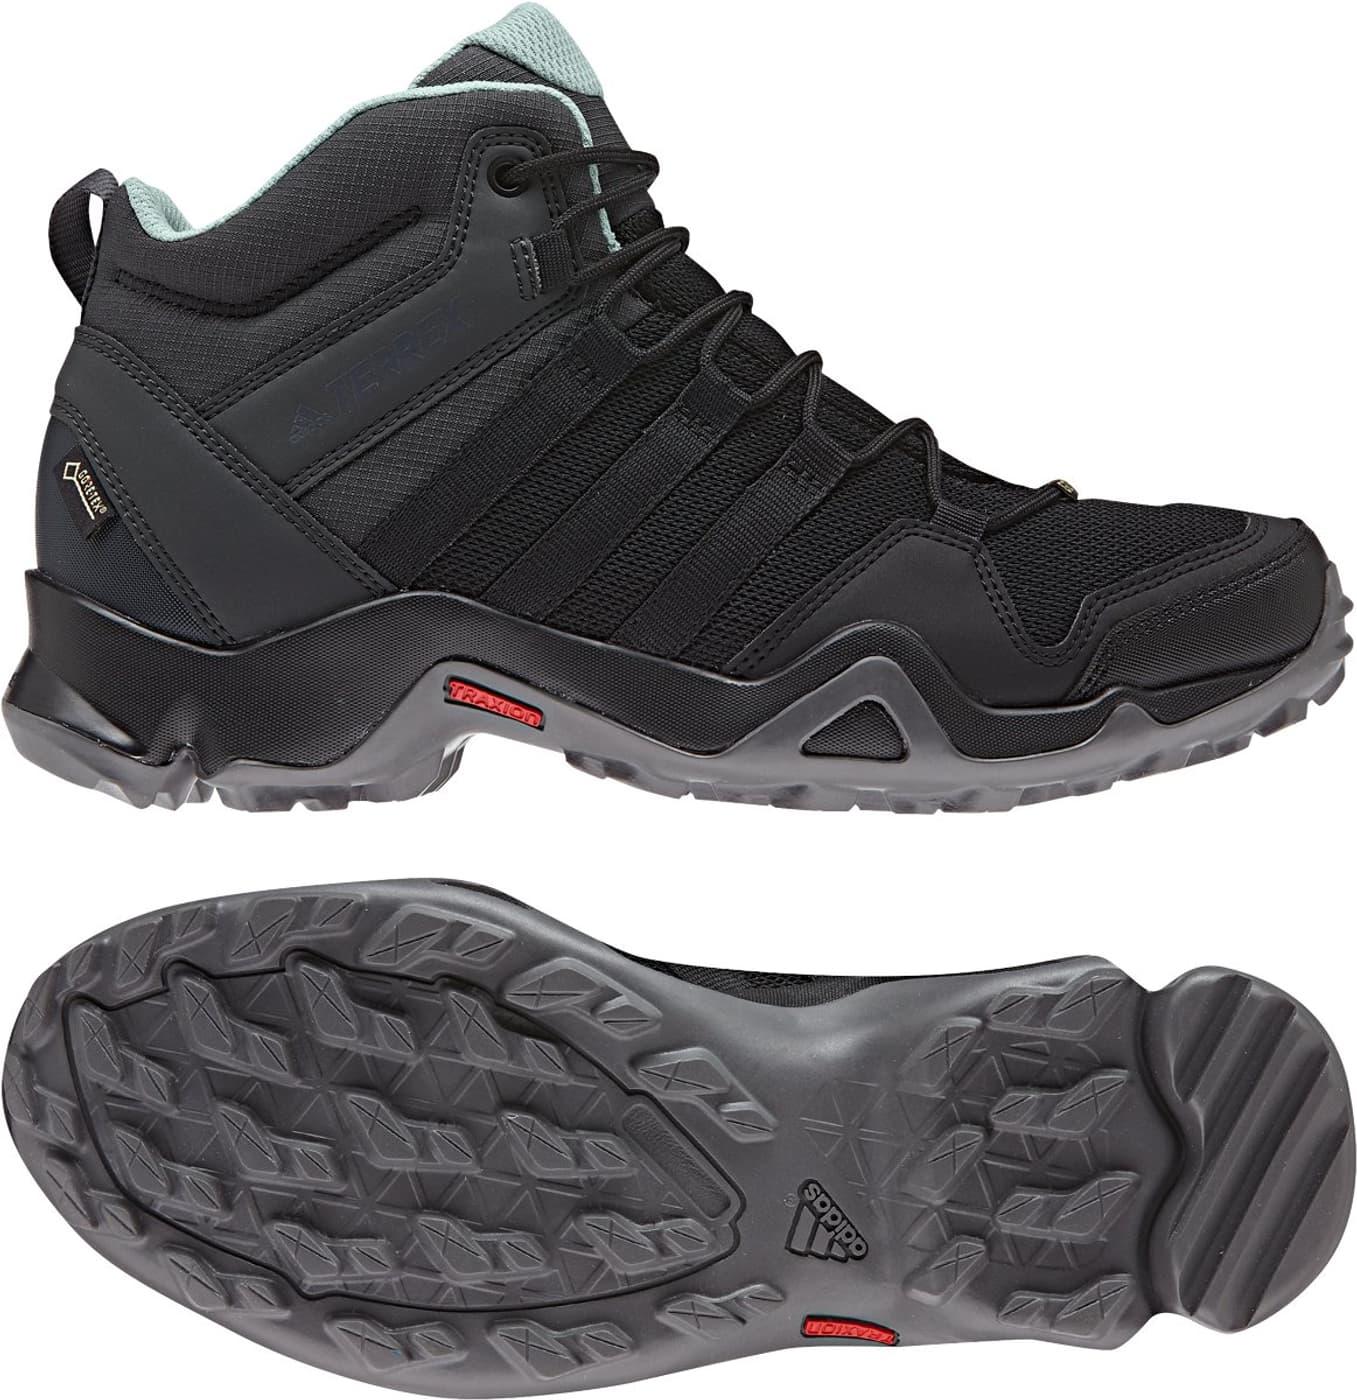 premium selection dff68 7865b Adidas Terrex AX2R Mid GTX Chaussures de randonnée pour femme